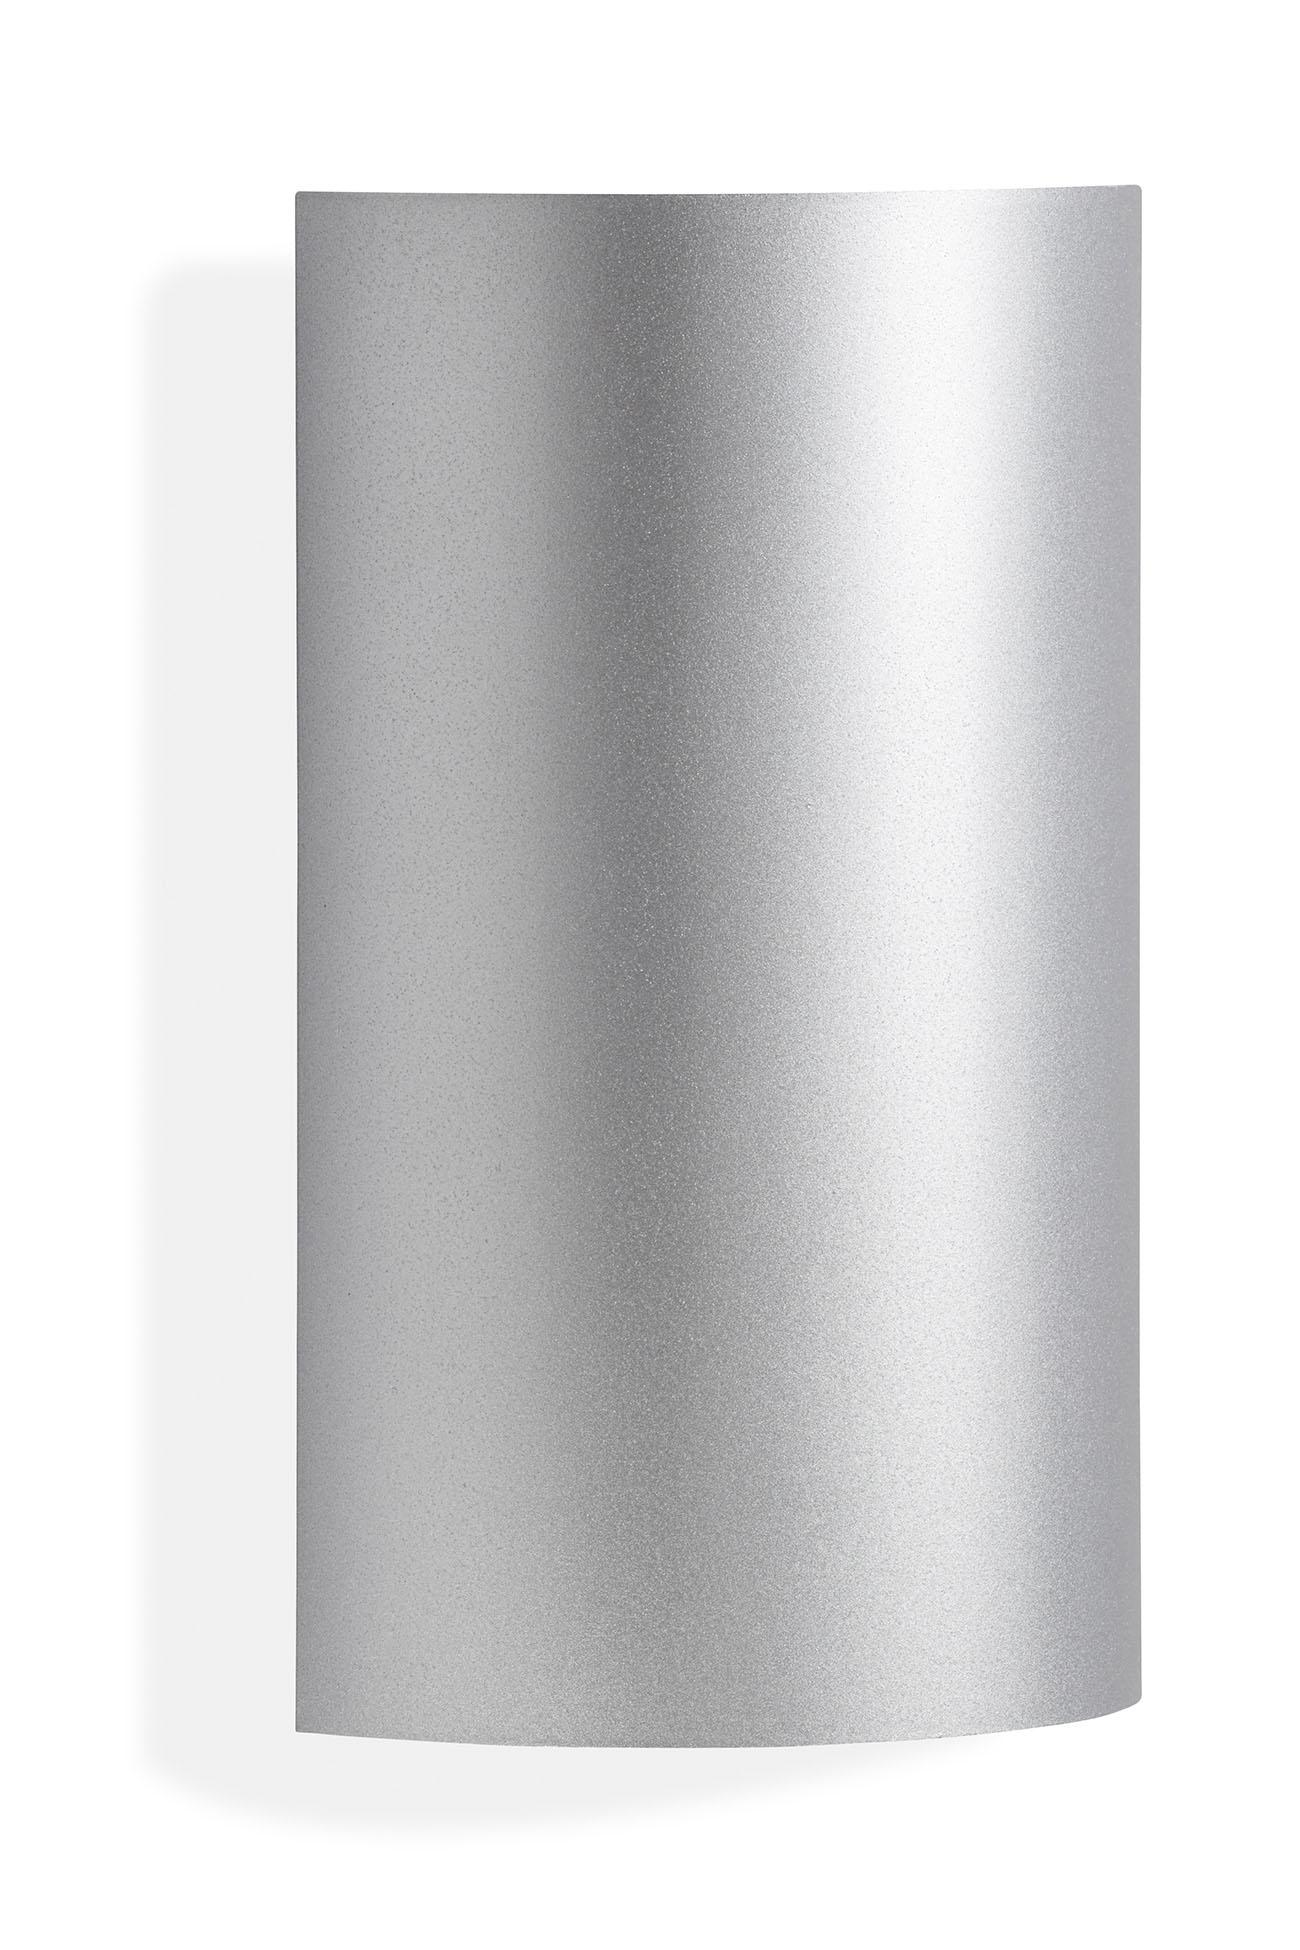 TELEFUNKEN LED Außenwandleuchte, 20 cm, 6 W, Silber